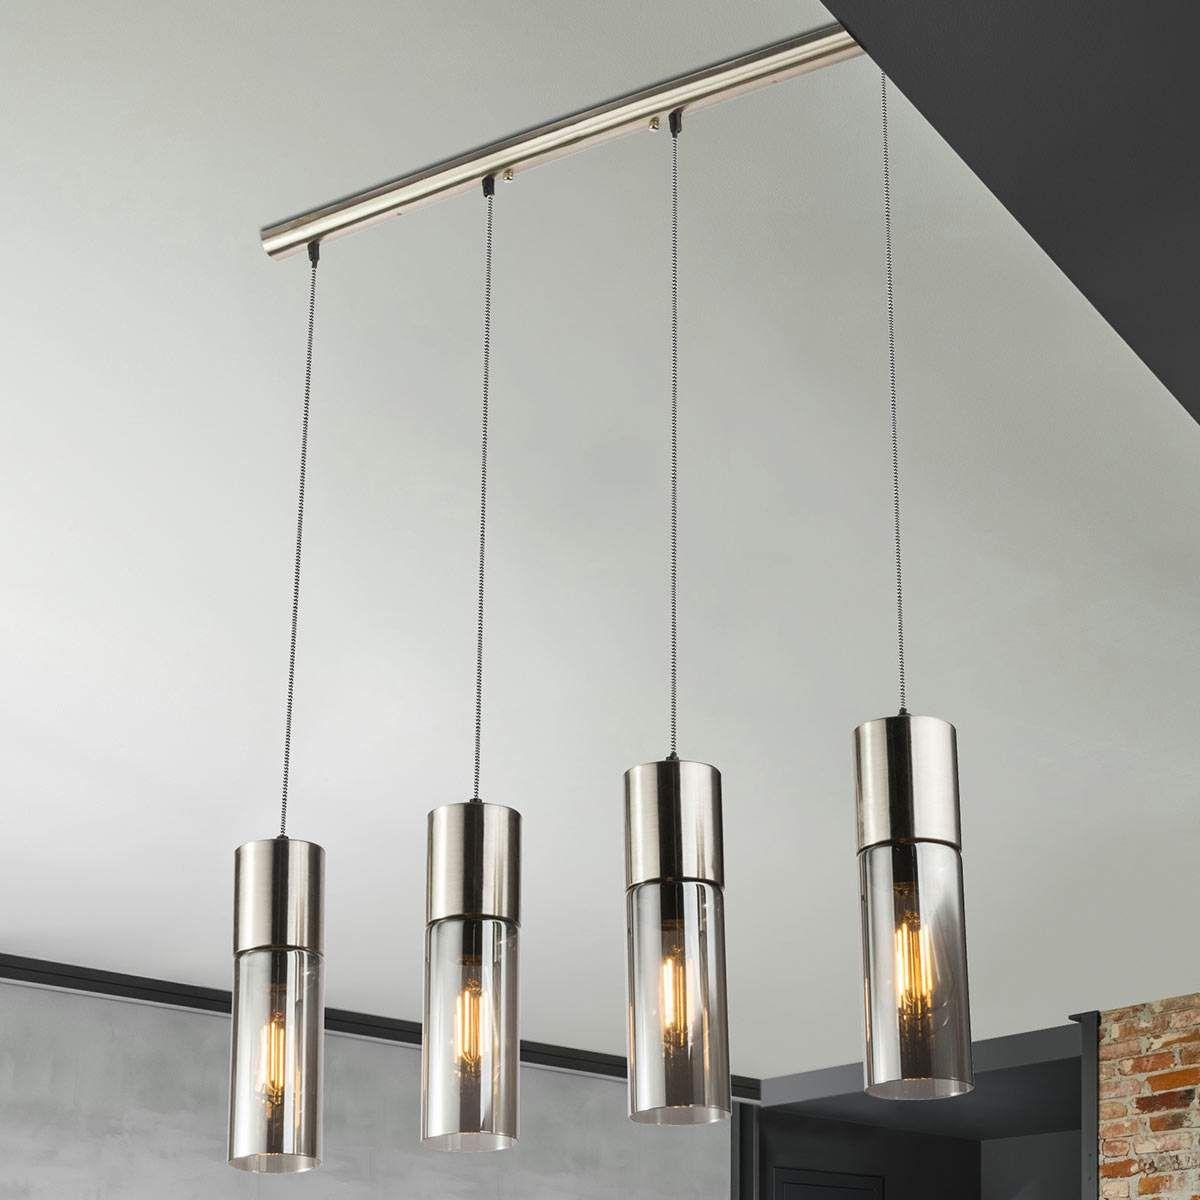 Neuhaus Design Led Pendelleuchte Hangeleuchte Holz Eiche Lampenschirme Aus Glas Fur Pende Pendelleuchte G Hangeleuchte Led Aussenleuchten Leuchtstoffrohre